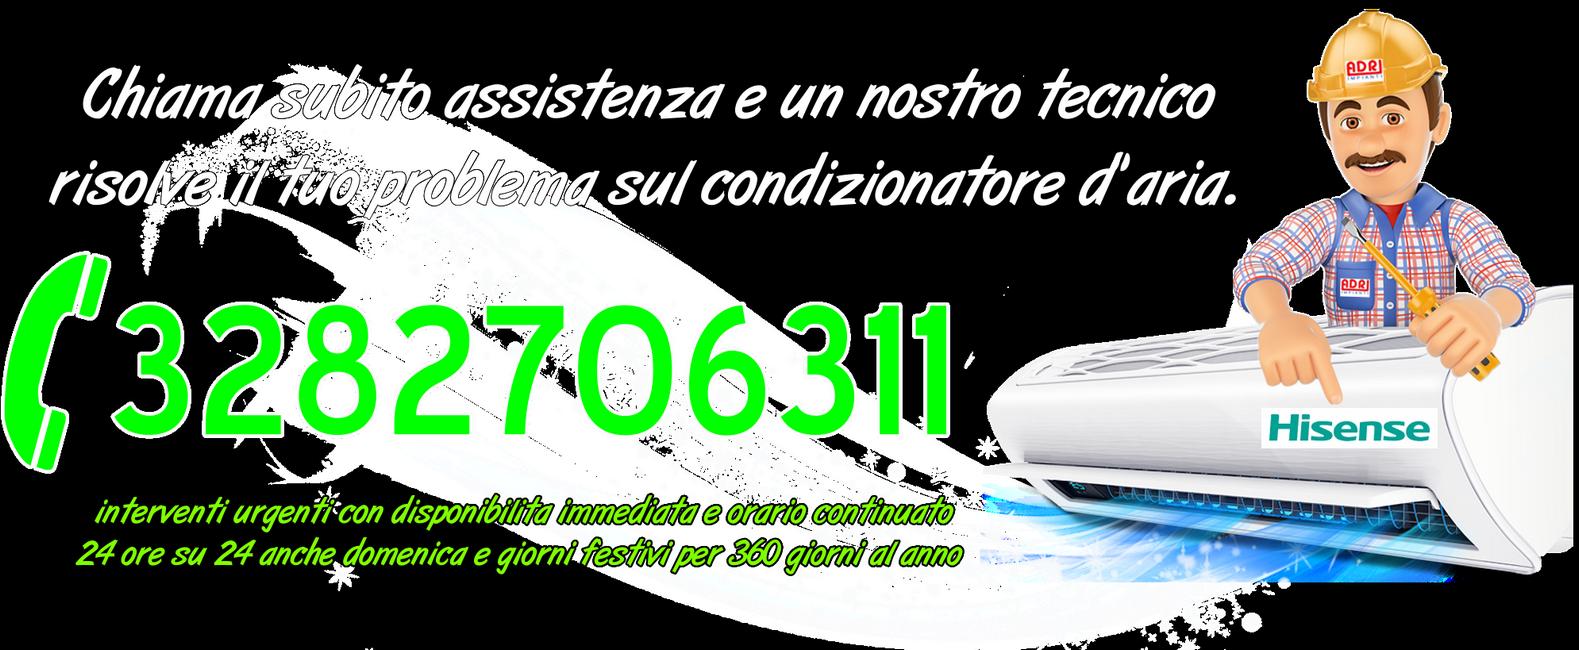 Assistenza condizionatori Hisense Torino